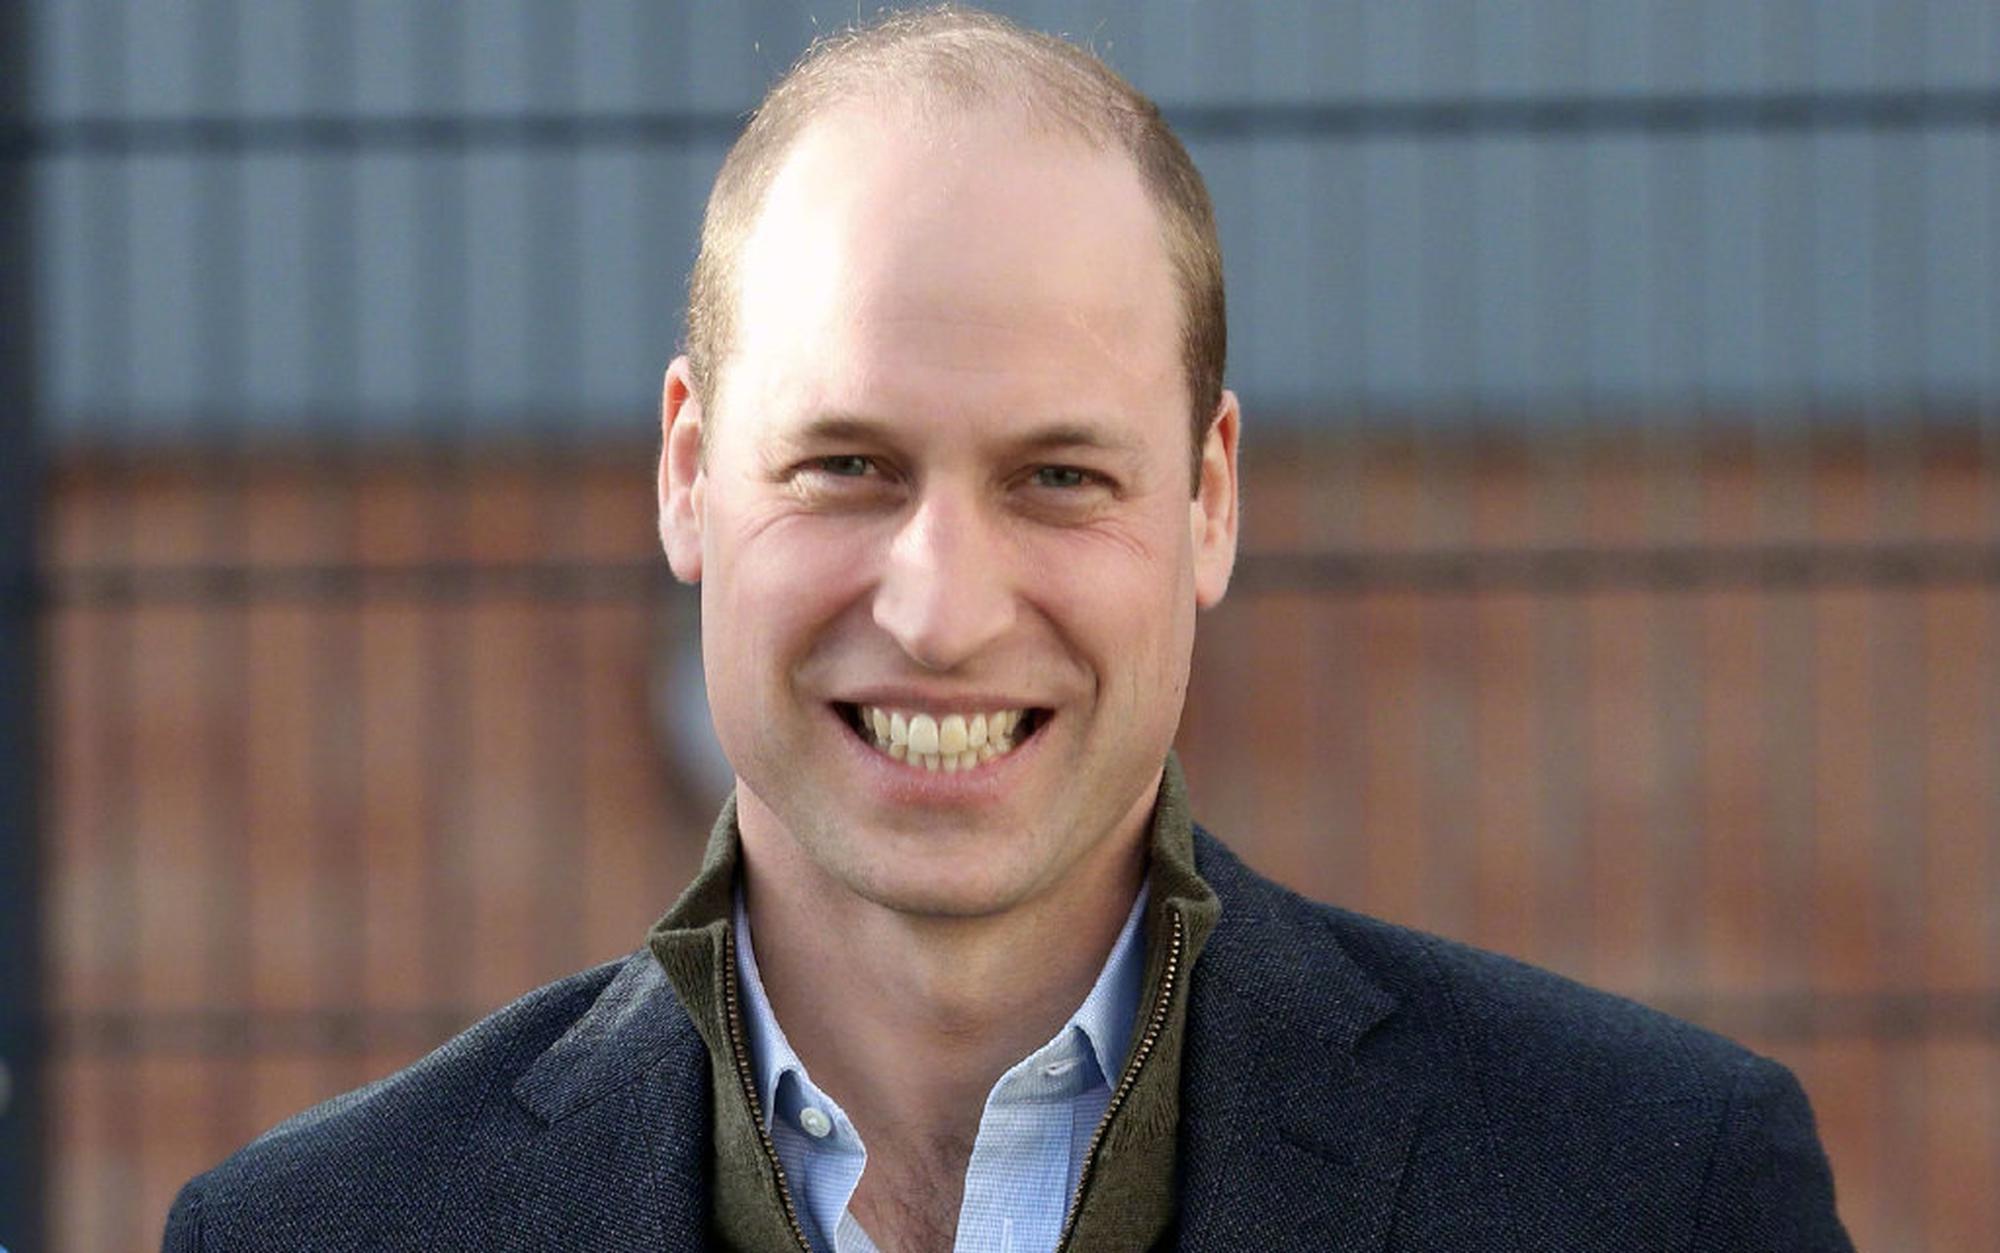 威廉王子被评为世界最性感秃顶男人 巨石强森不服